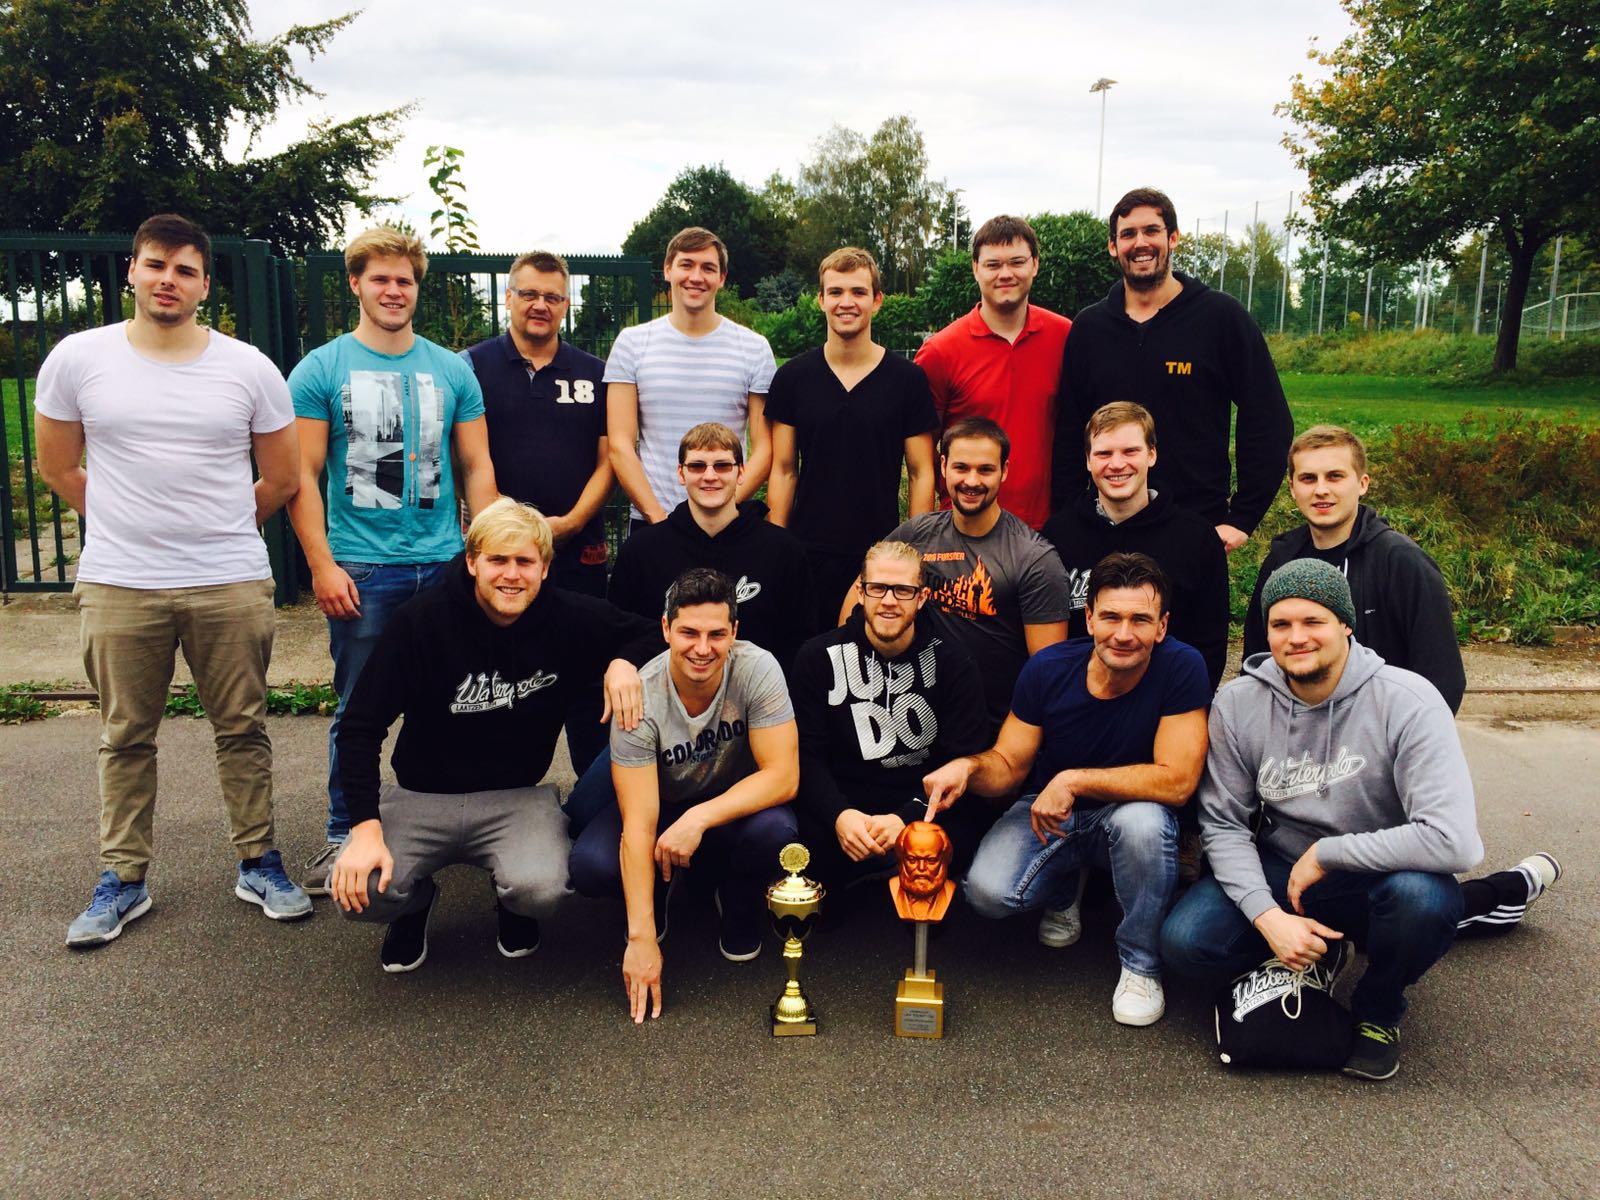 SpVg gewinnt Vorbereitungsturnier in Chemnitz – Neuzugänge fügen sich gut ein